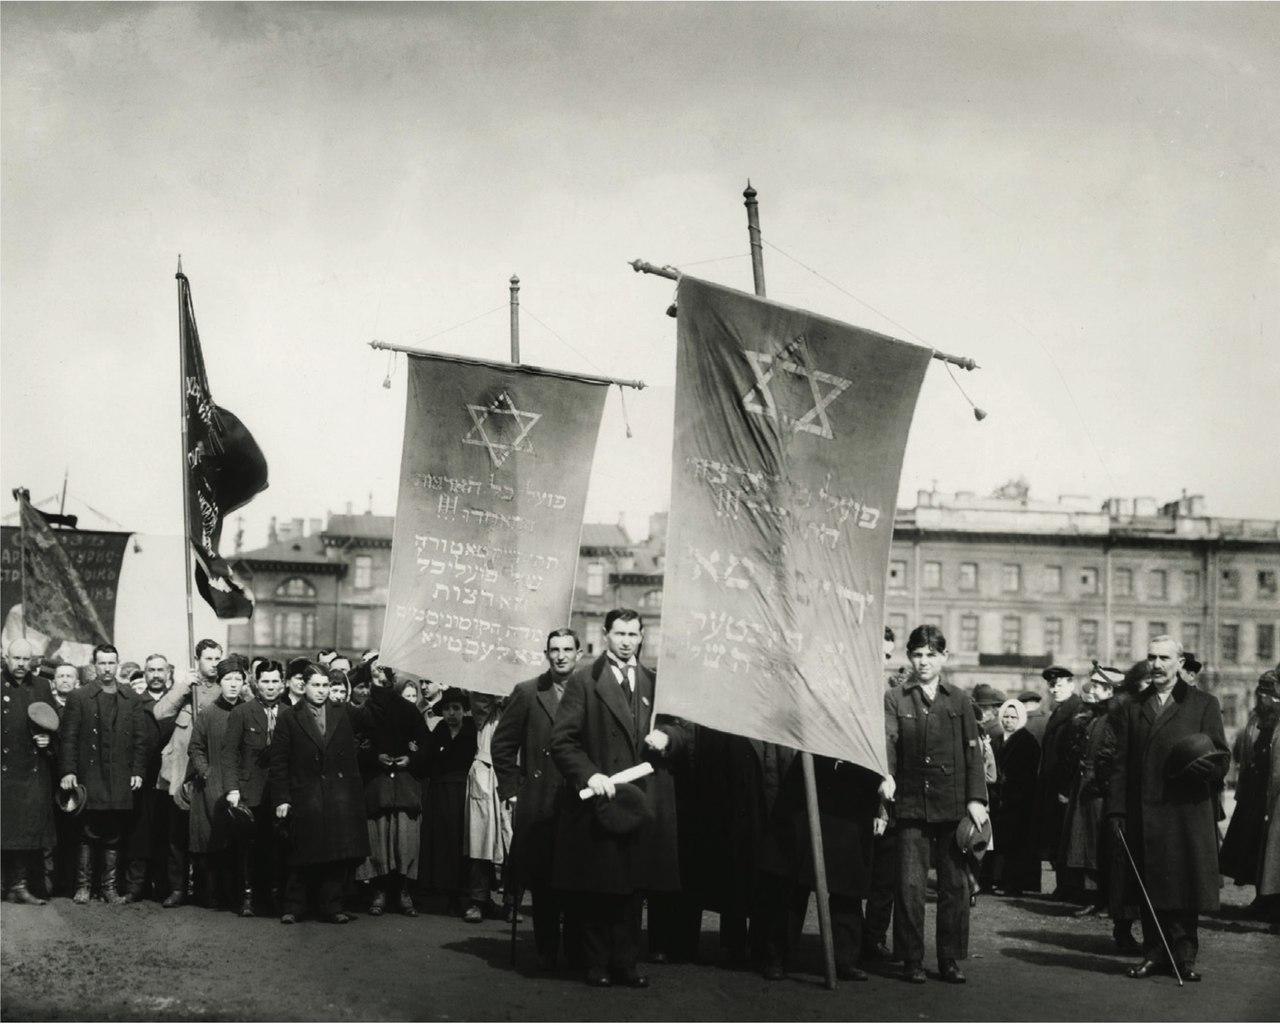 Еврейские организации во время Первомайской демонстрации на Марсовом поле, 1 мая